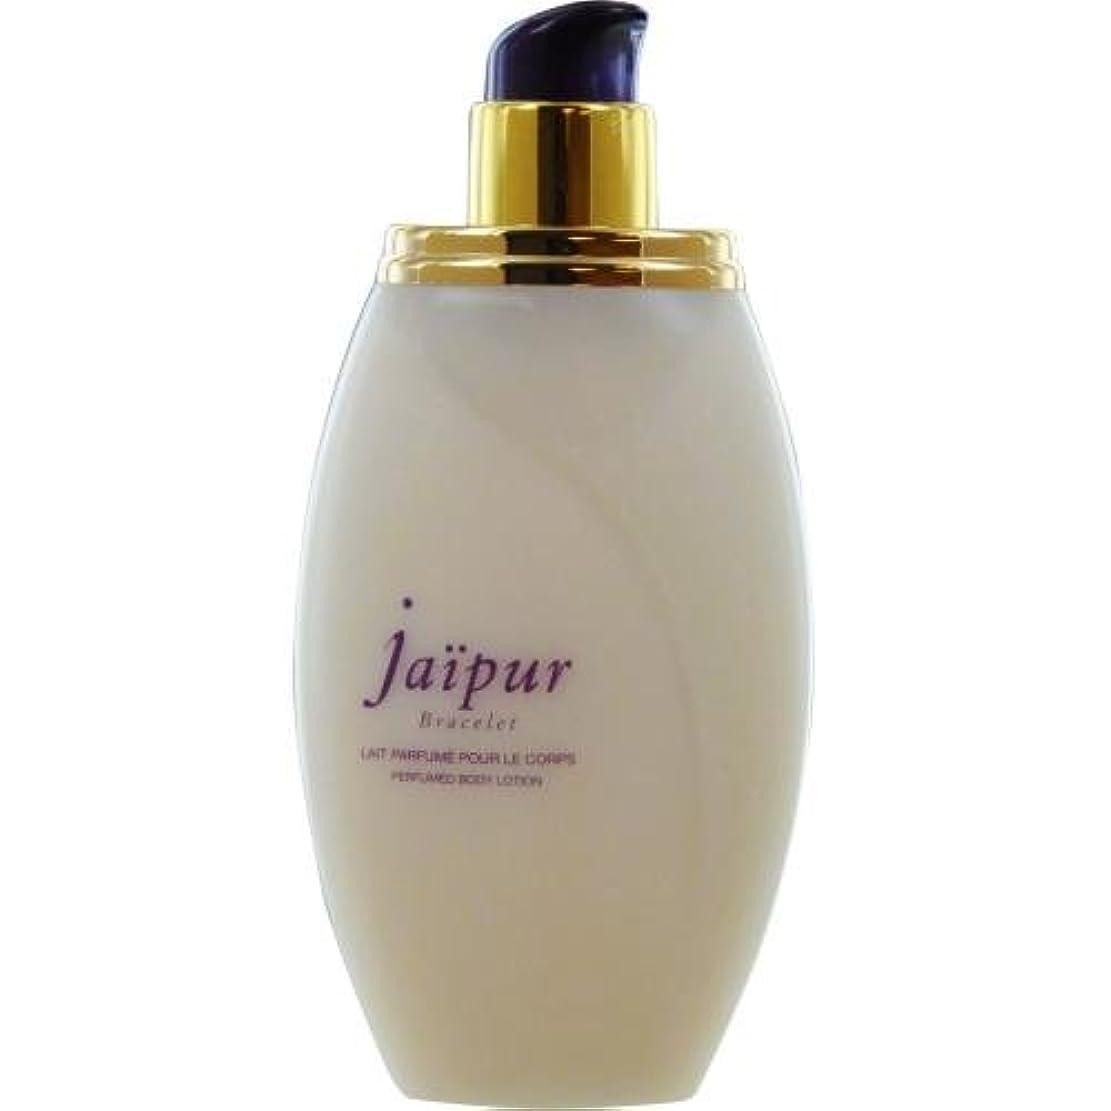 出版透けて見える抑止するJaipur Bracelet Perfumed Body Lotion